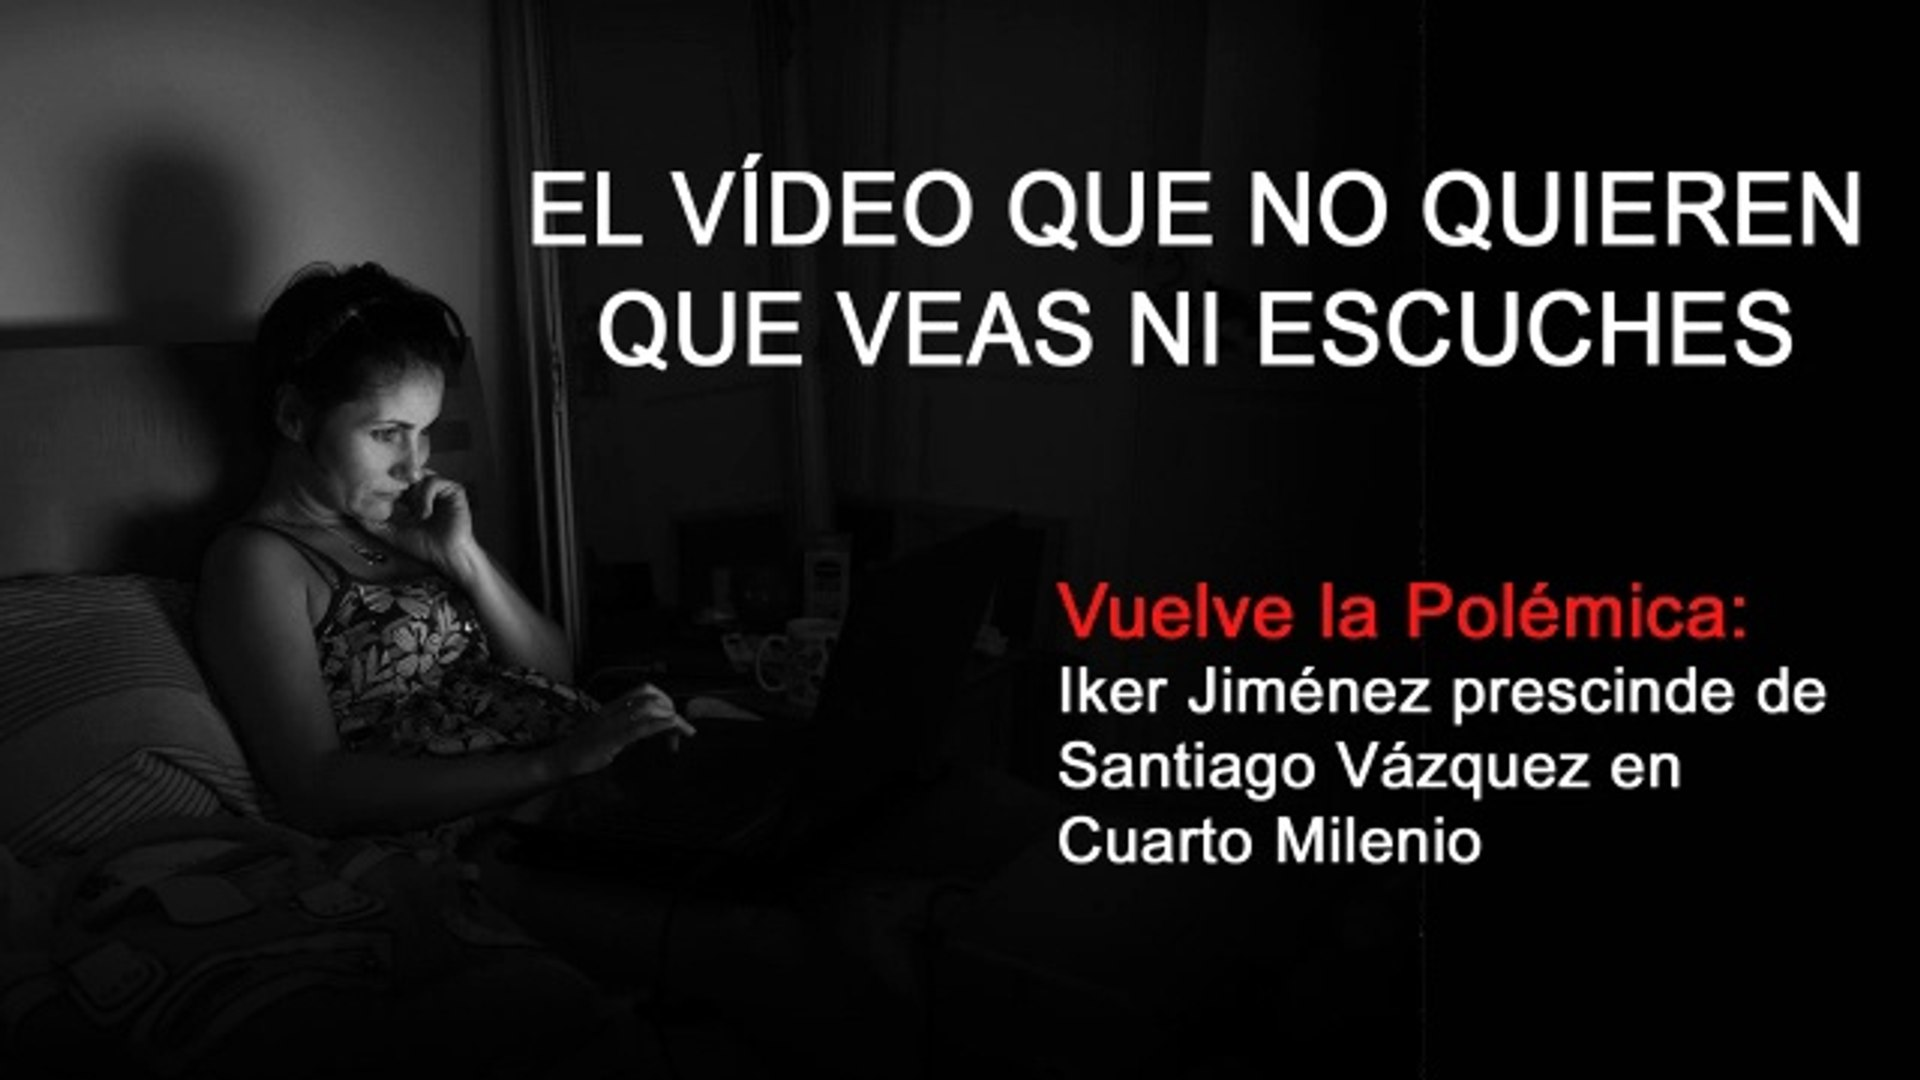 Iker Jiménez prescinde de Santiago Vázquez en Cuarto Milenio